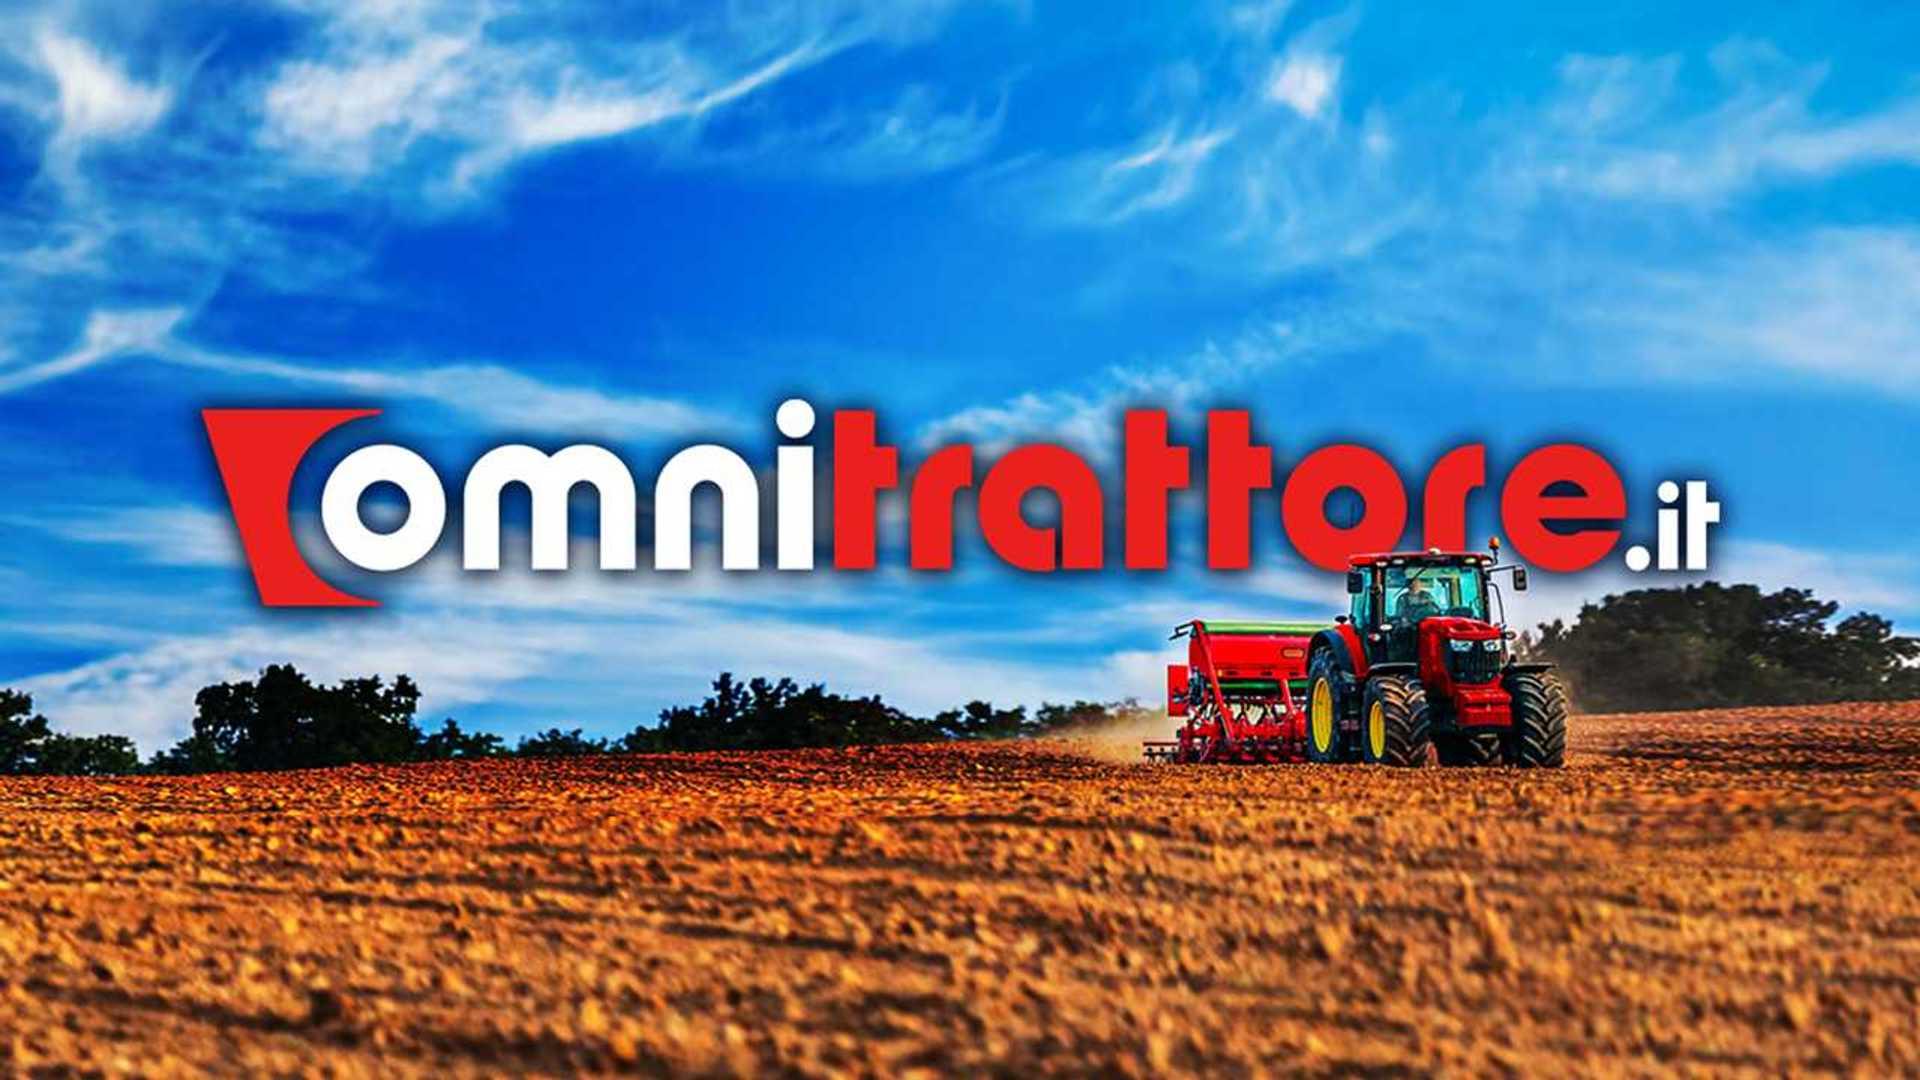 Nasce OmniTrattore.it, l'agromeccanica ha la sua voce digitale